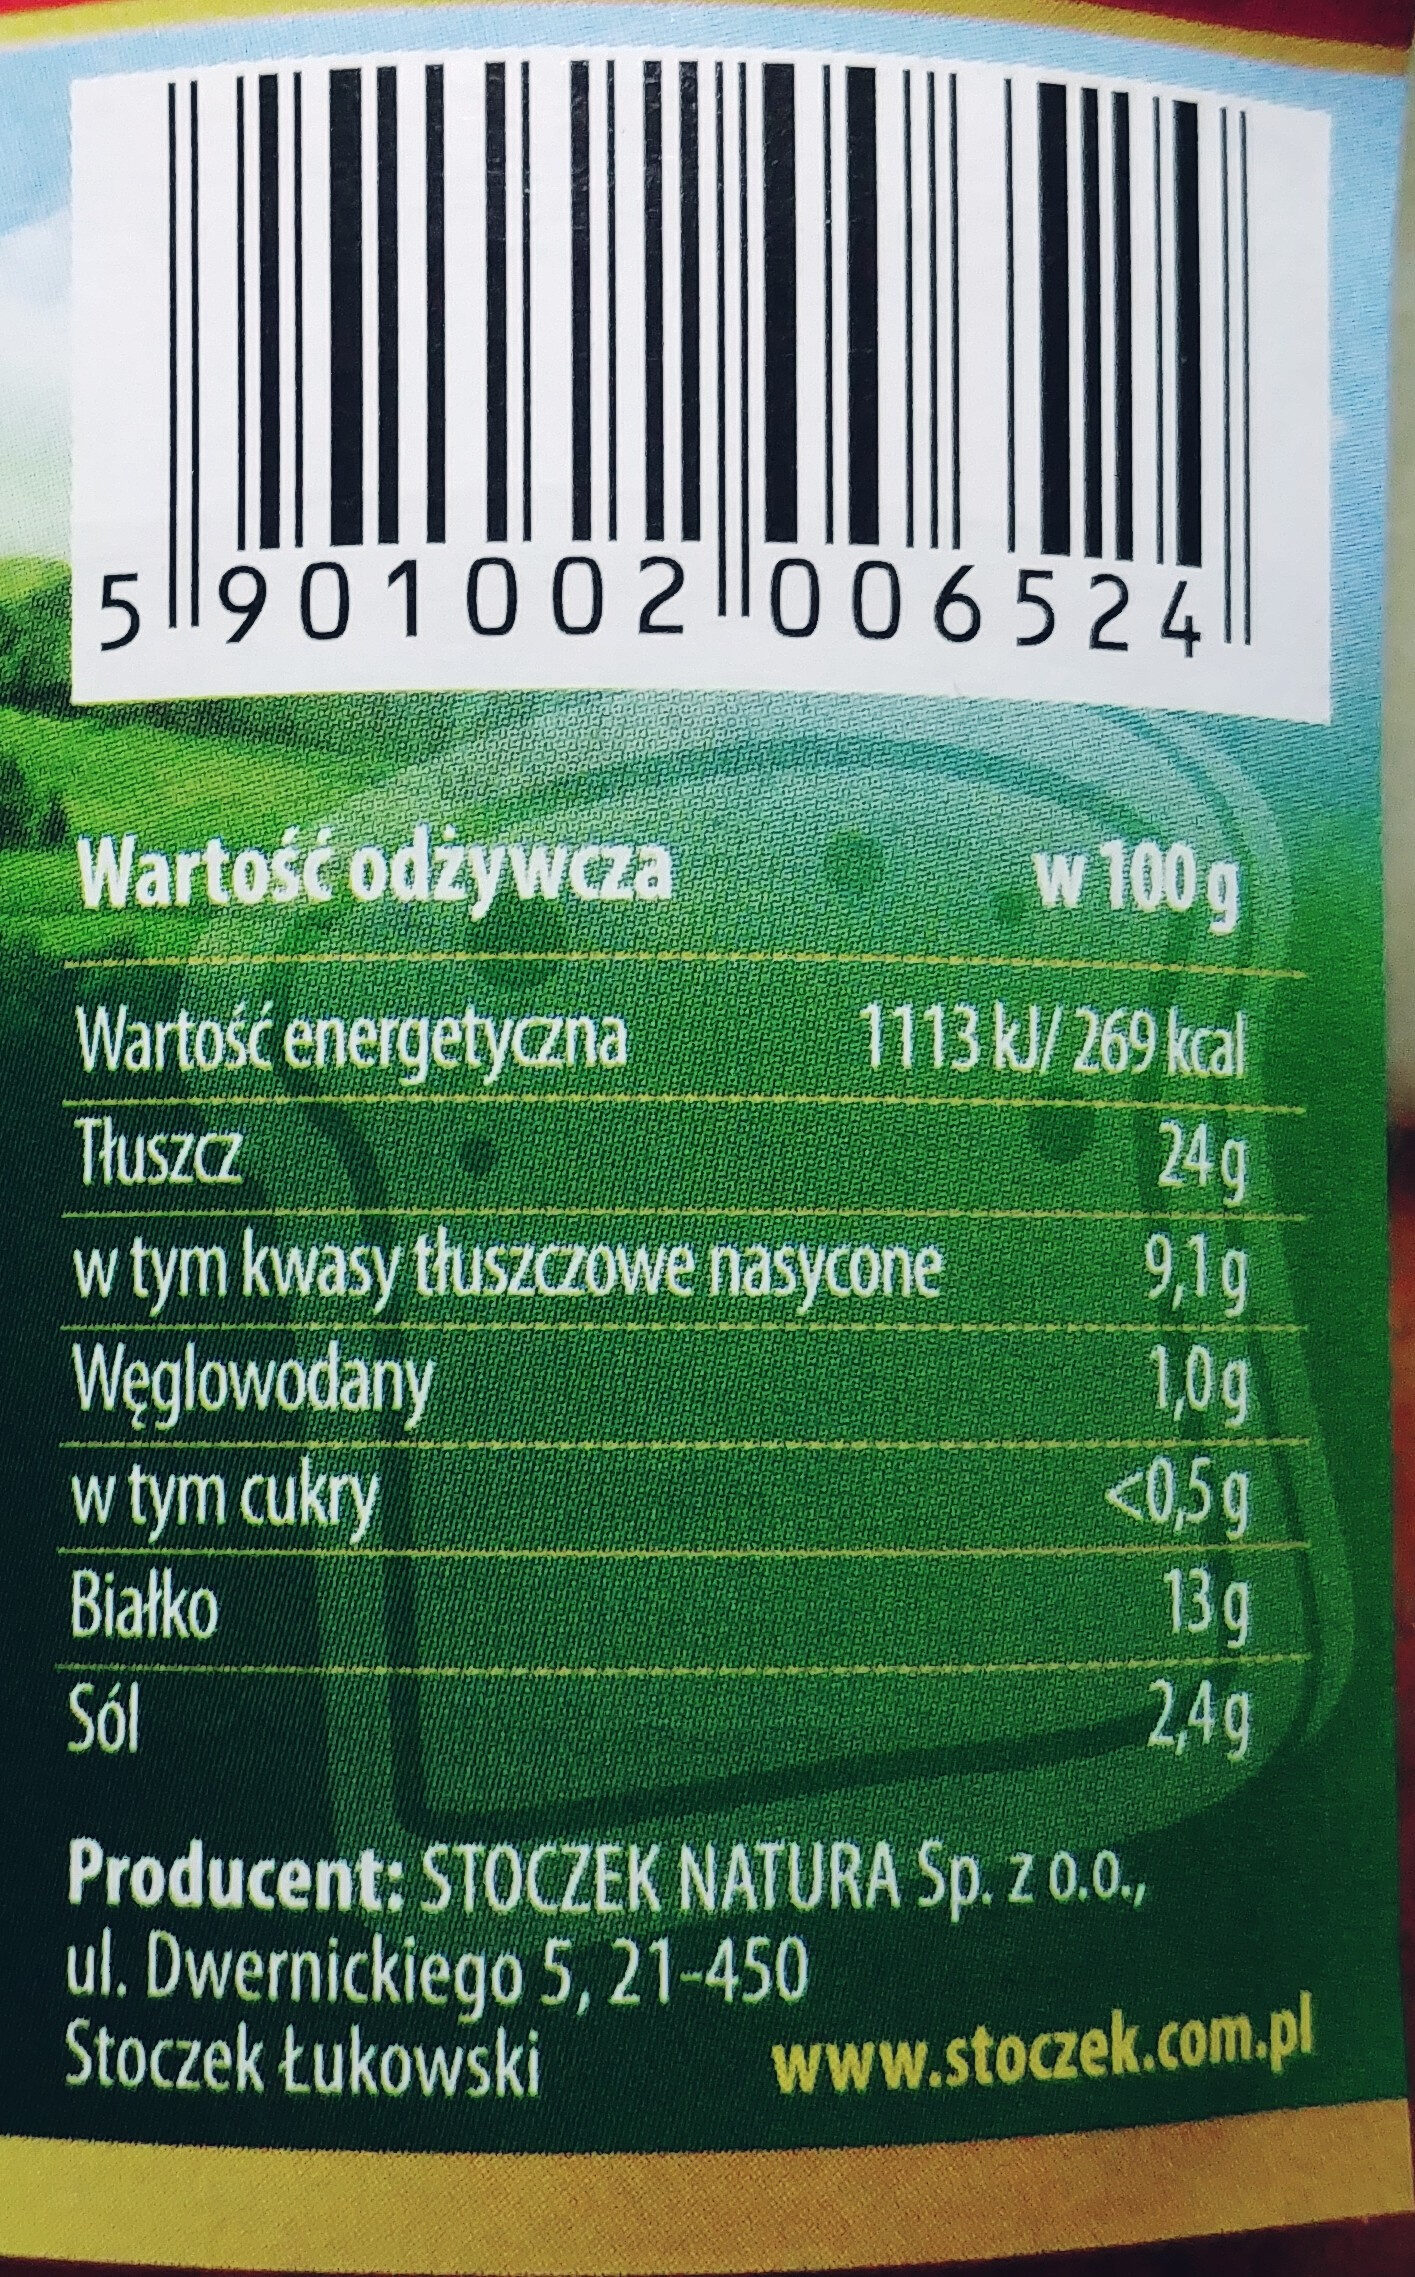 Kiełbasa z weka - Nutrition facts - pl